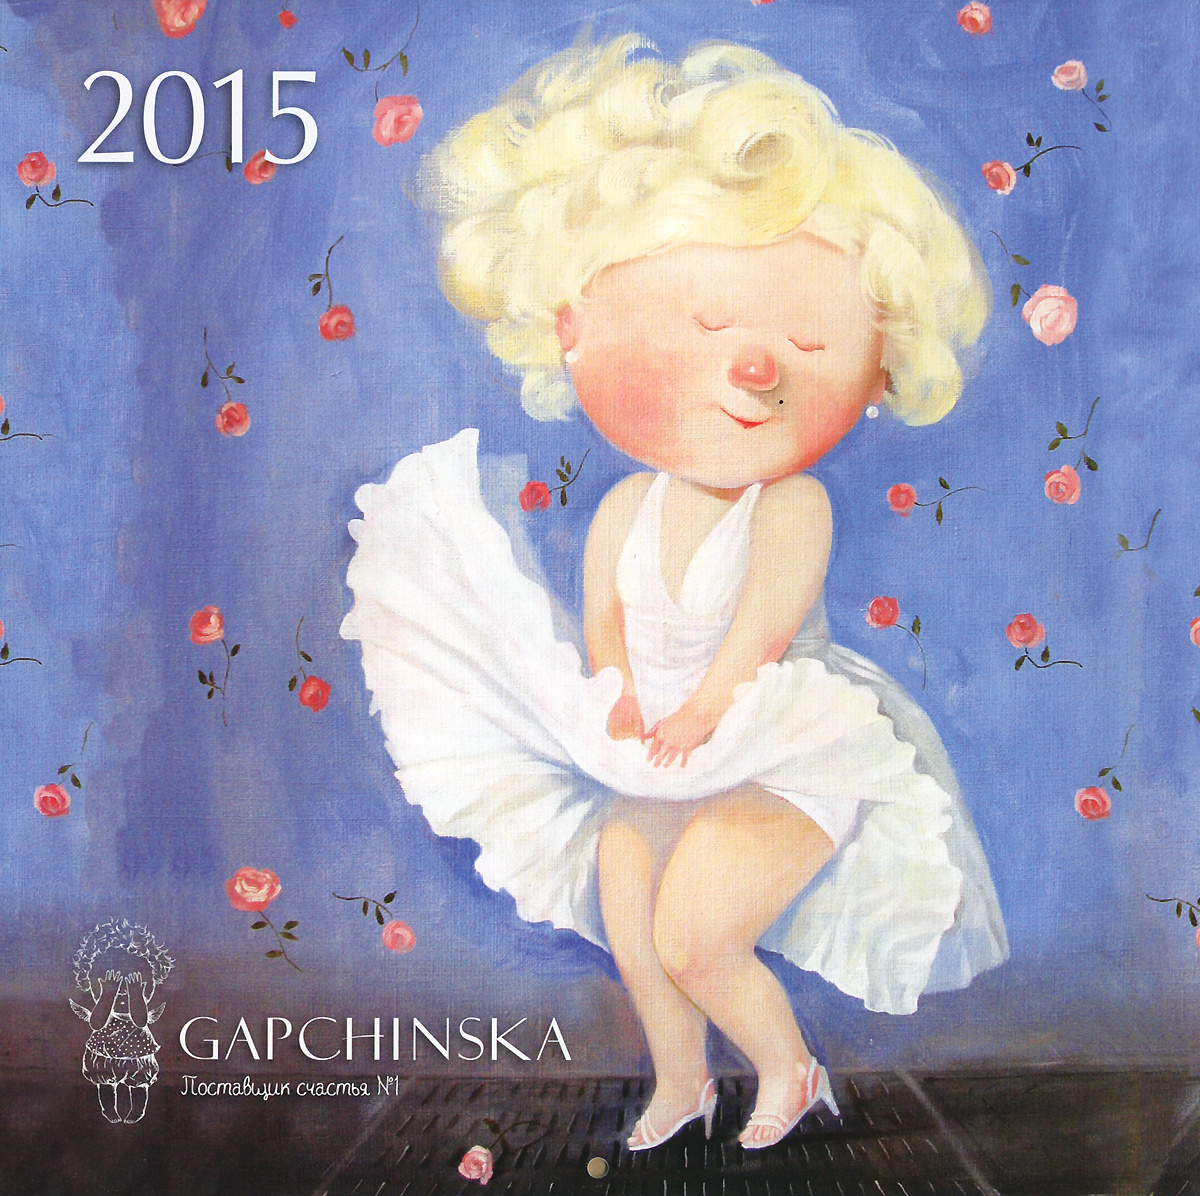 Календарь 2015 (на скрепке). Евгения Гапчинская. Heroes #1